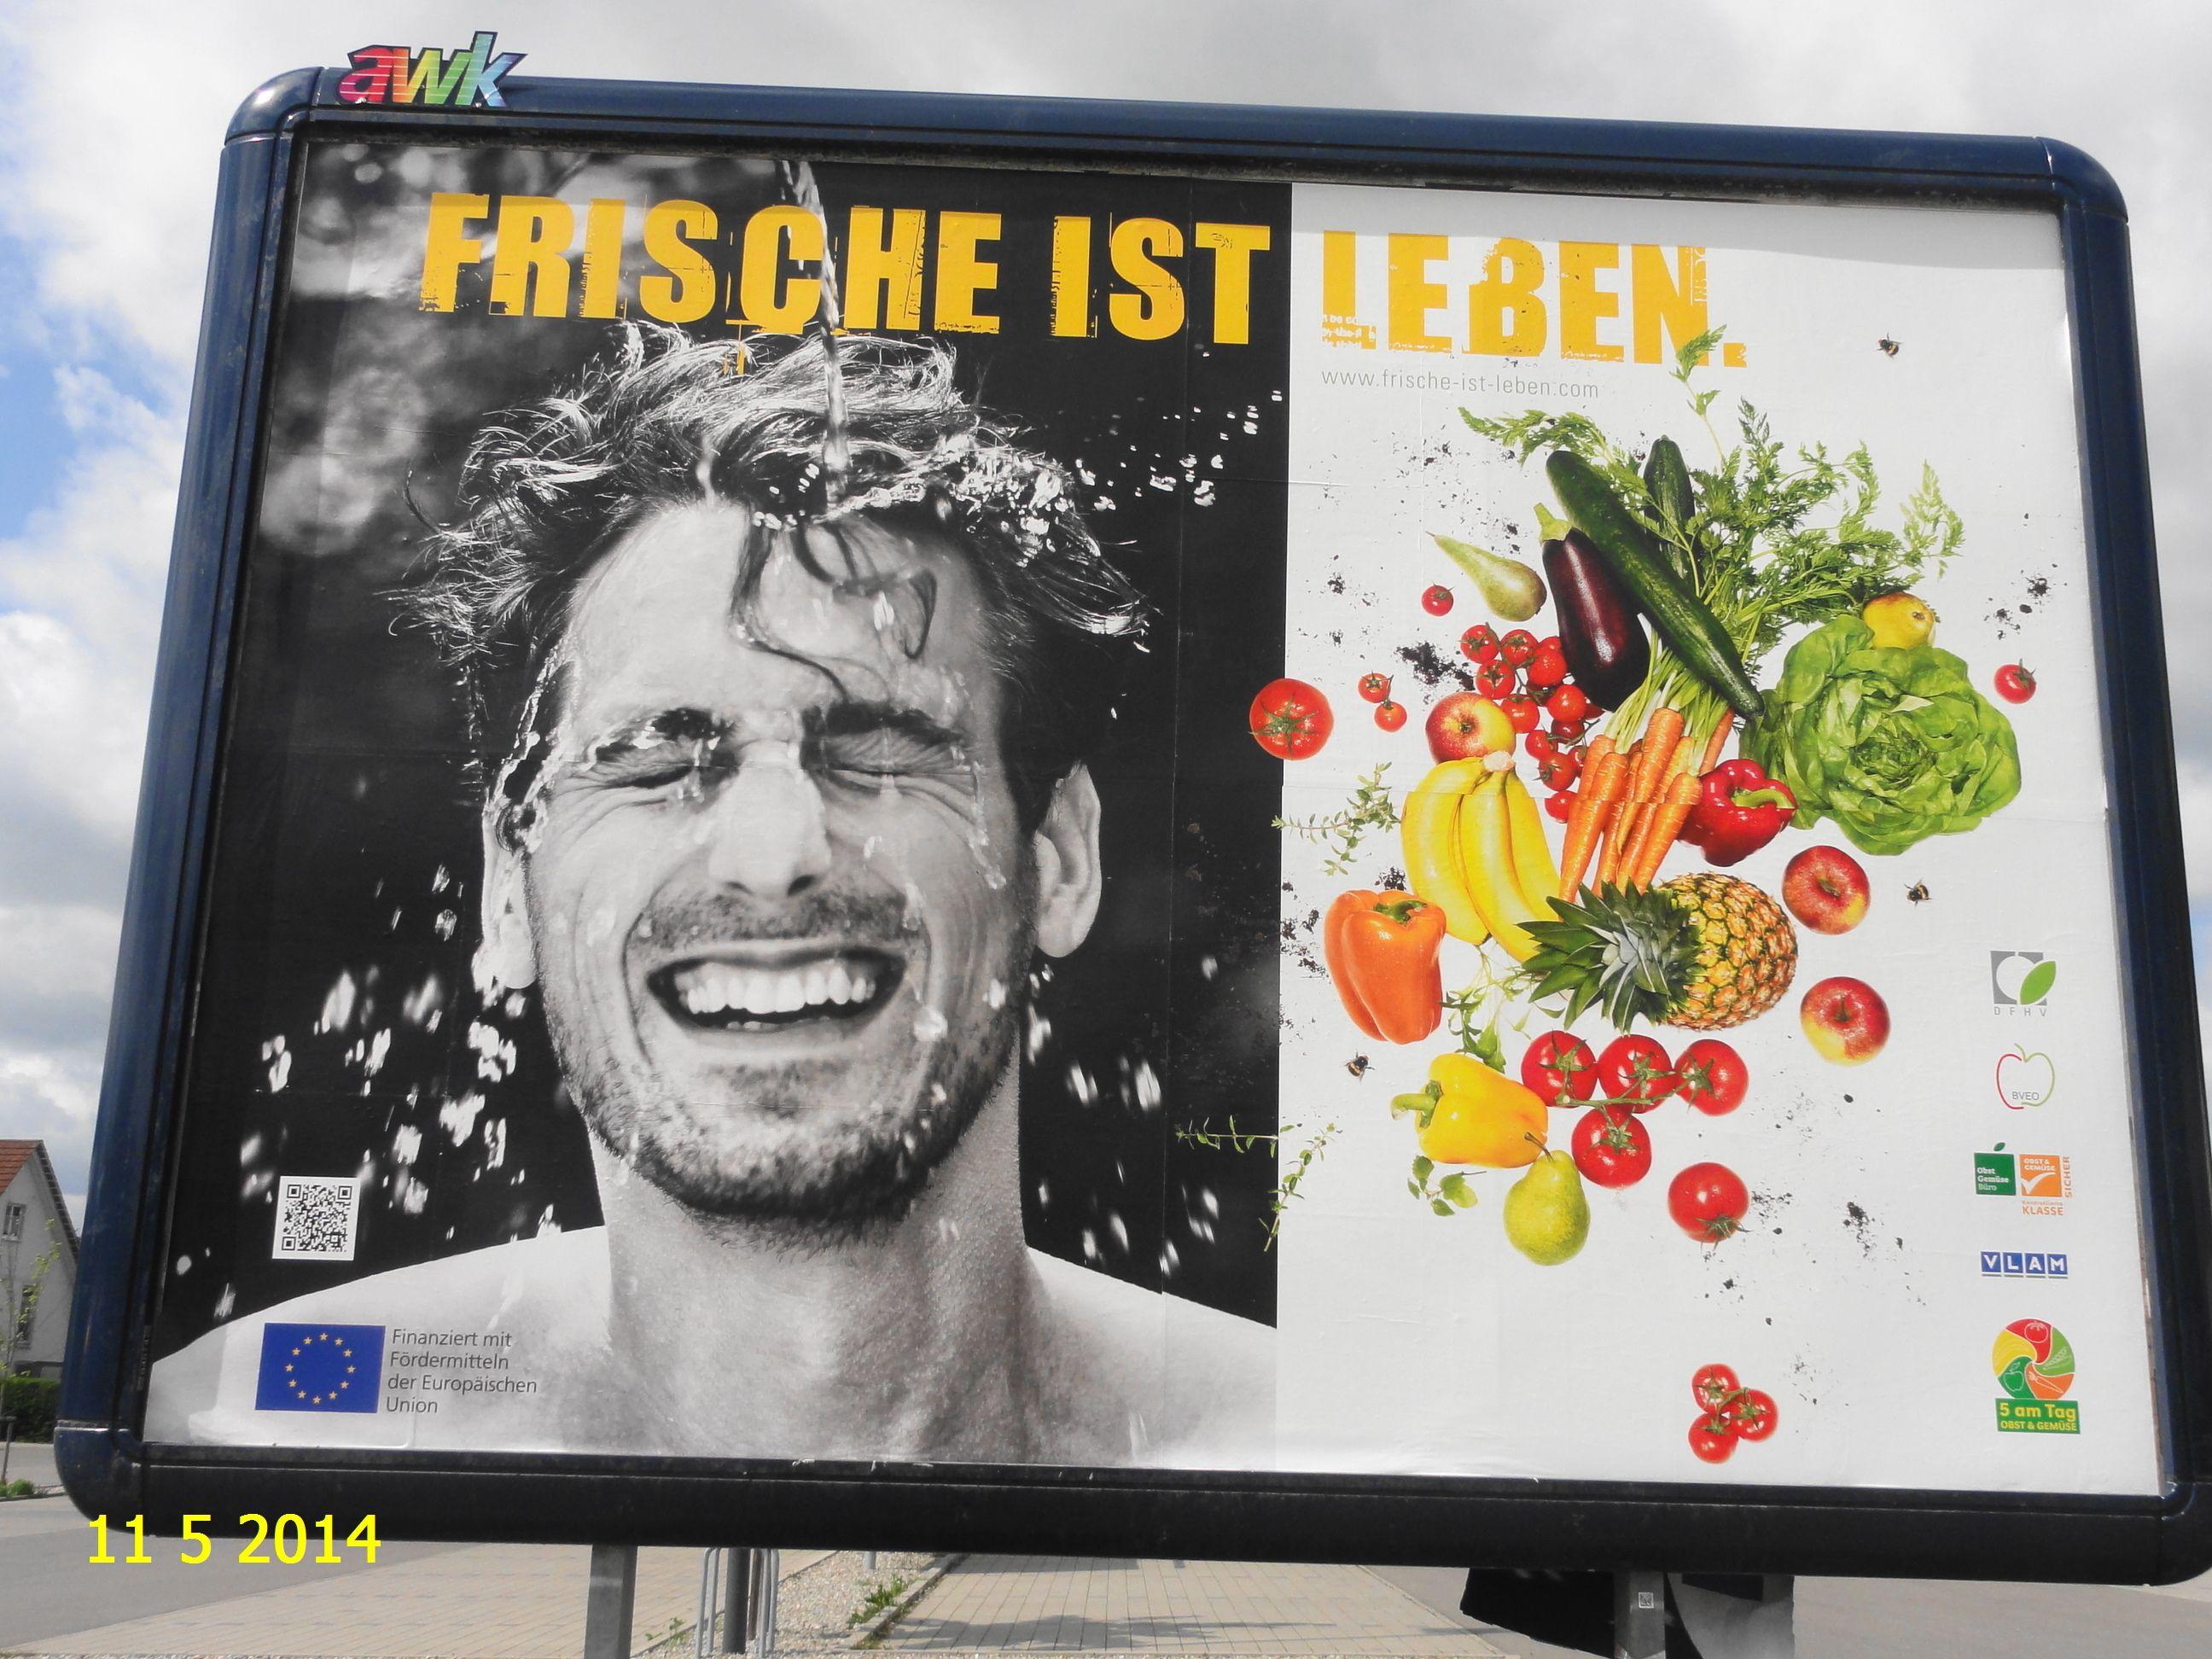 313. - Plakat in Stockach. / 11.05.2014./